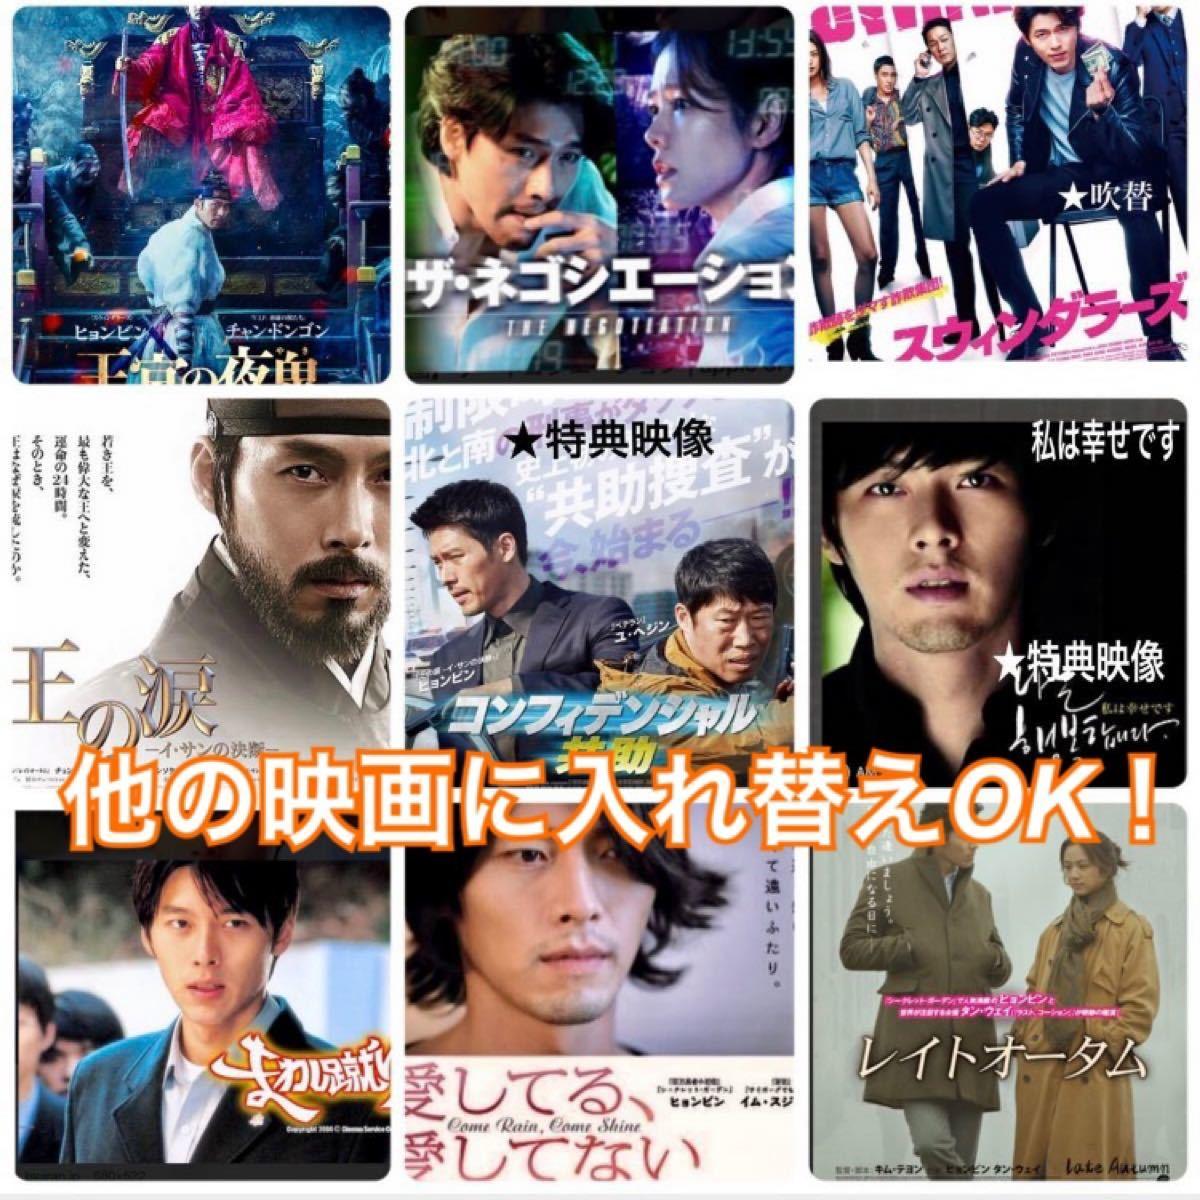 ヒョンビン 悲恋映画3作品 DVDセット            入れ替えOK!